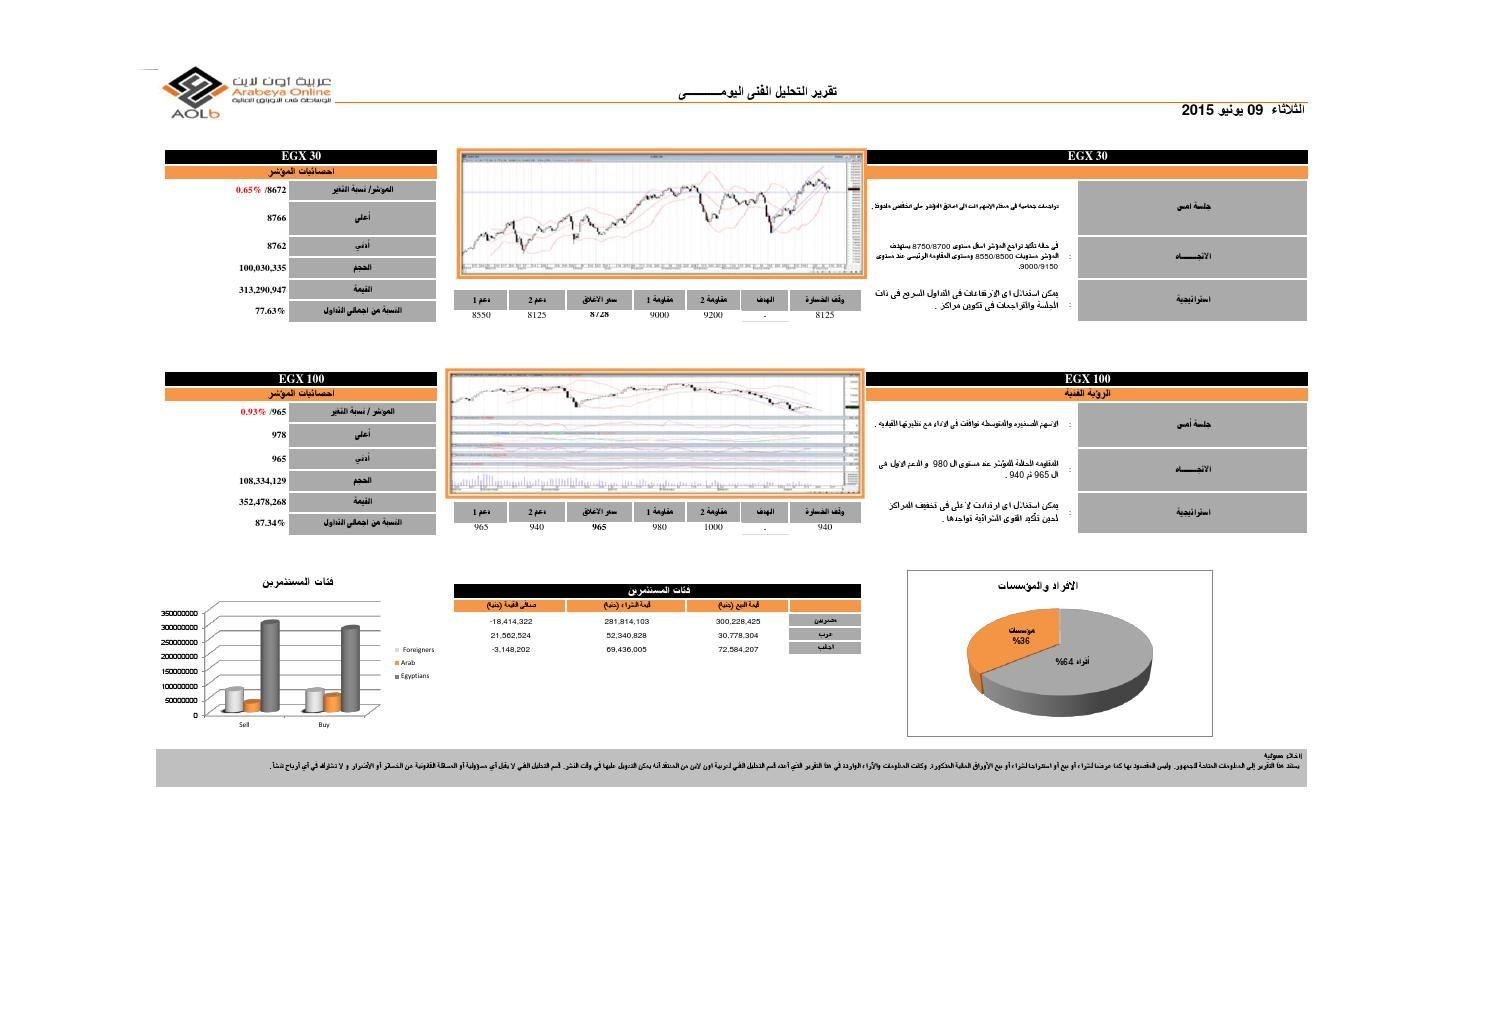 التحليل الفنى البورصة المصرية اليوم الثلاثاء 09 6 2015 من شركة عربية اون لاين